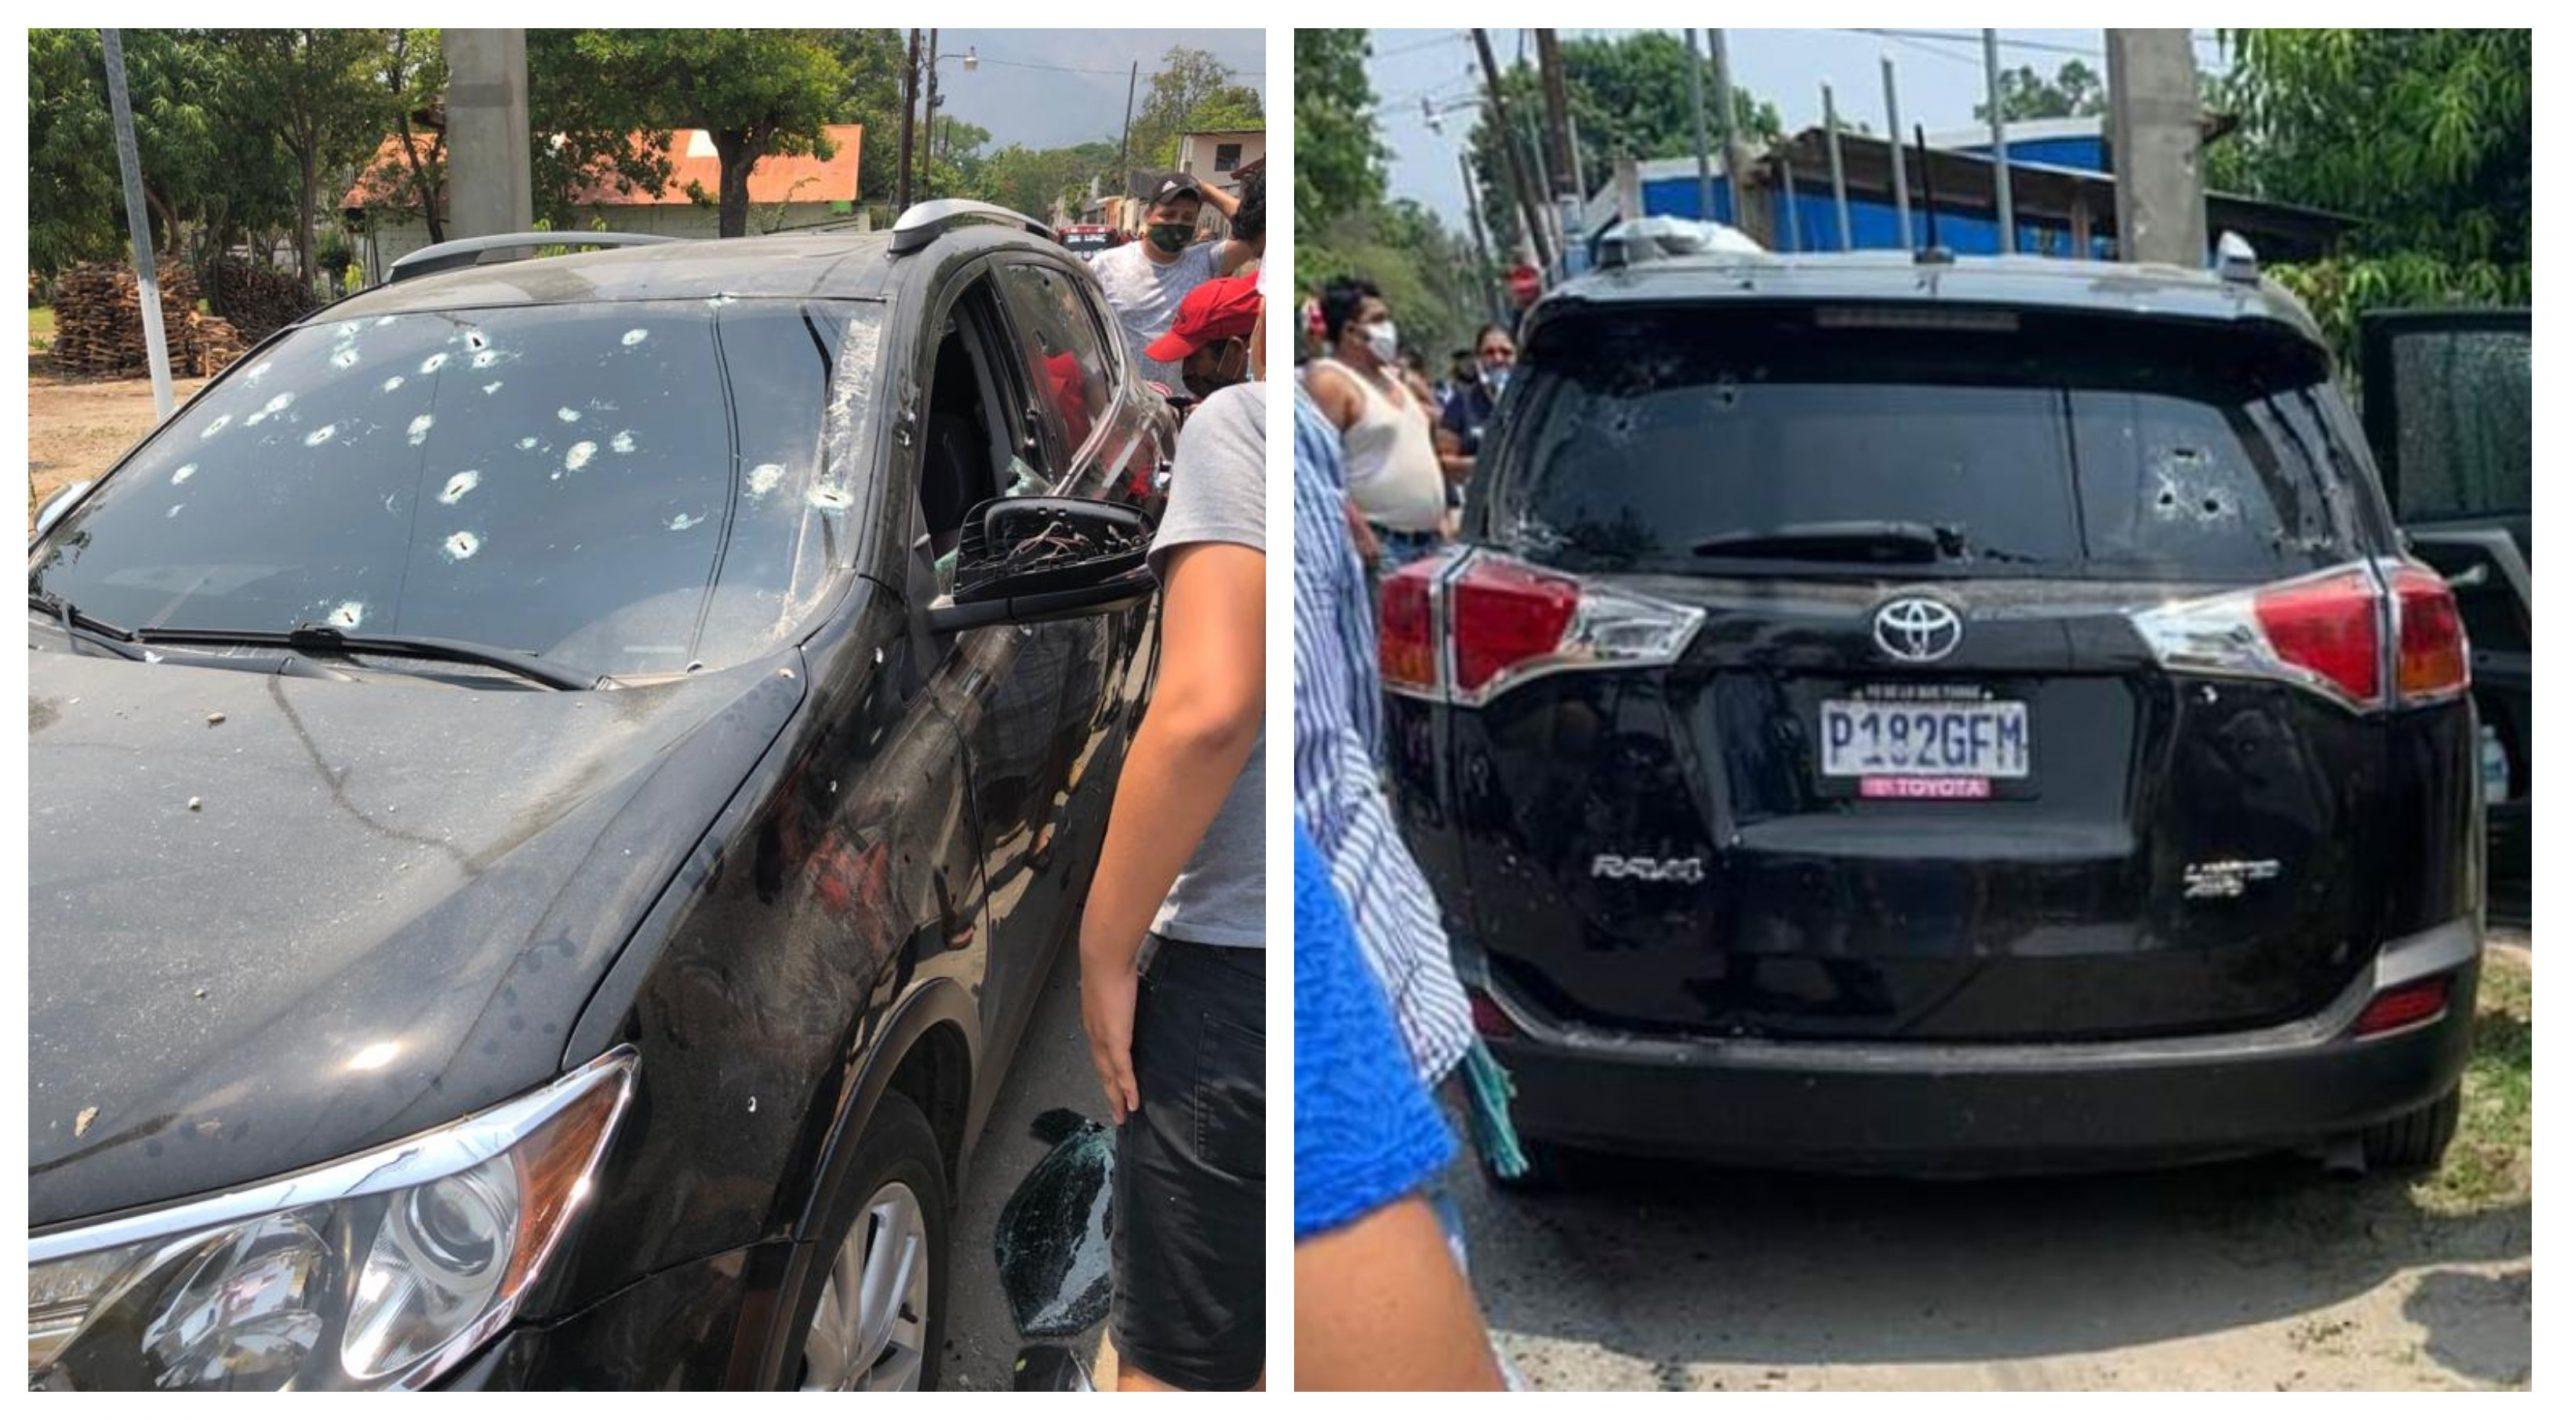 El alcalde de Teculután, César Paz Castañeda, murió asesinado junto a sus guardaespaldas en un ataque armado. (Foto: Twitter)